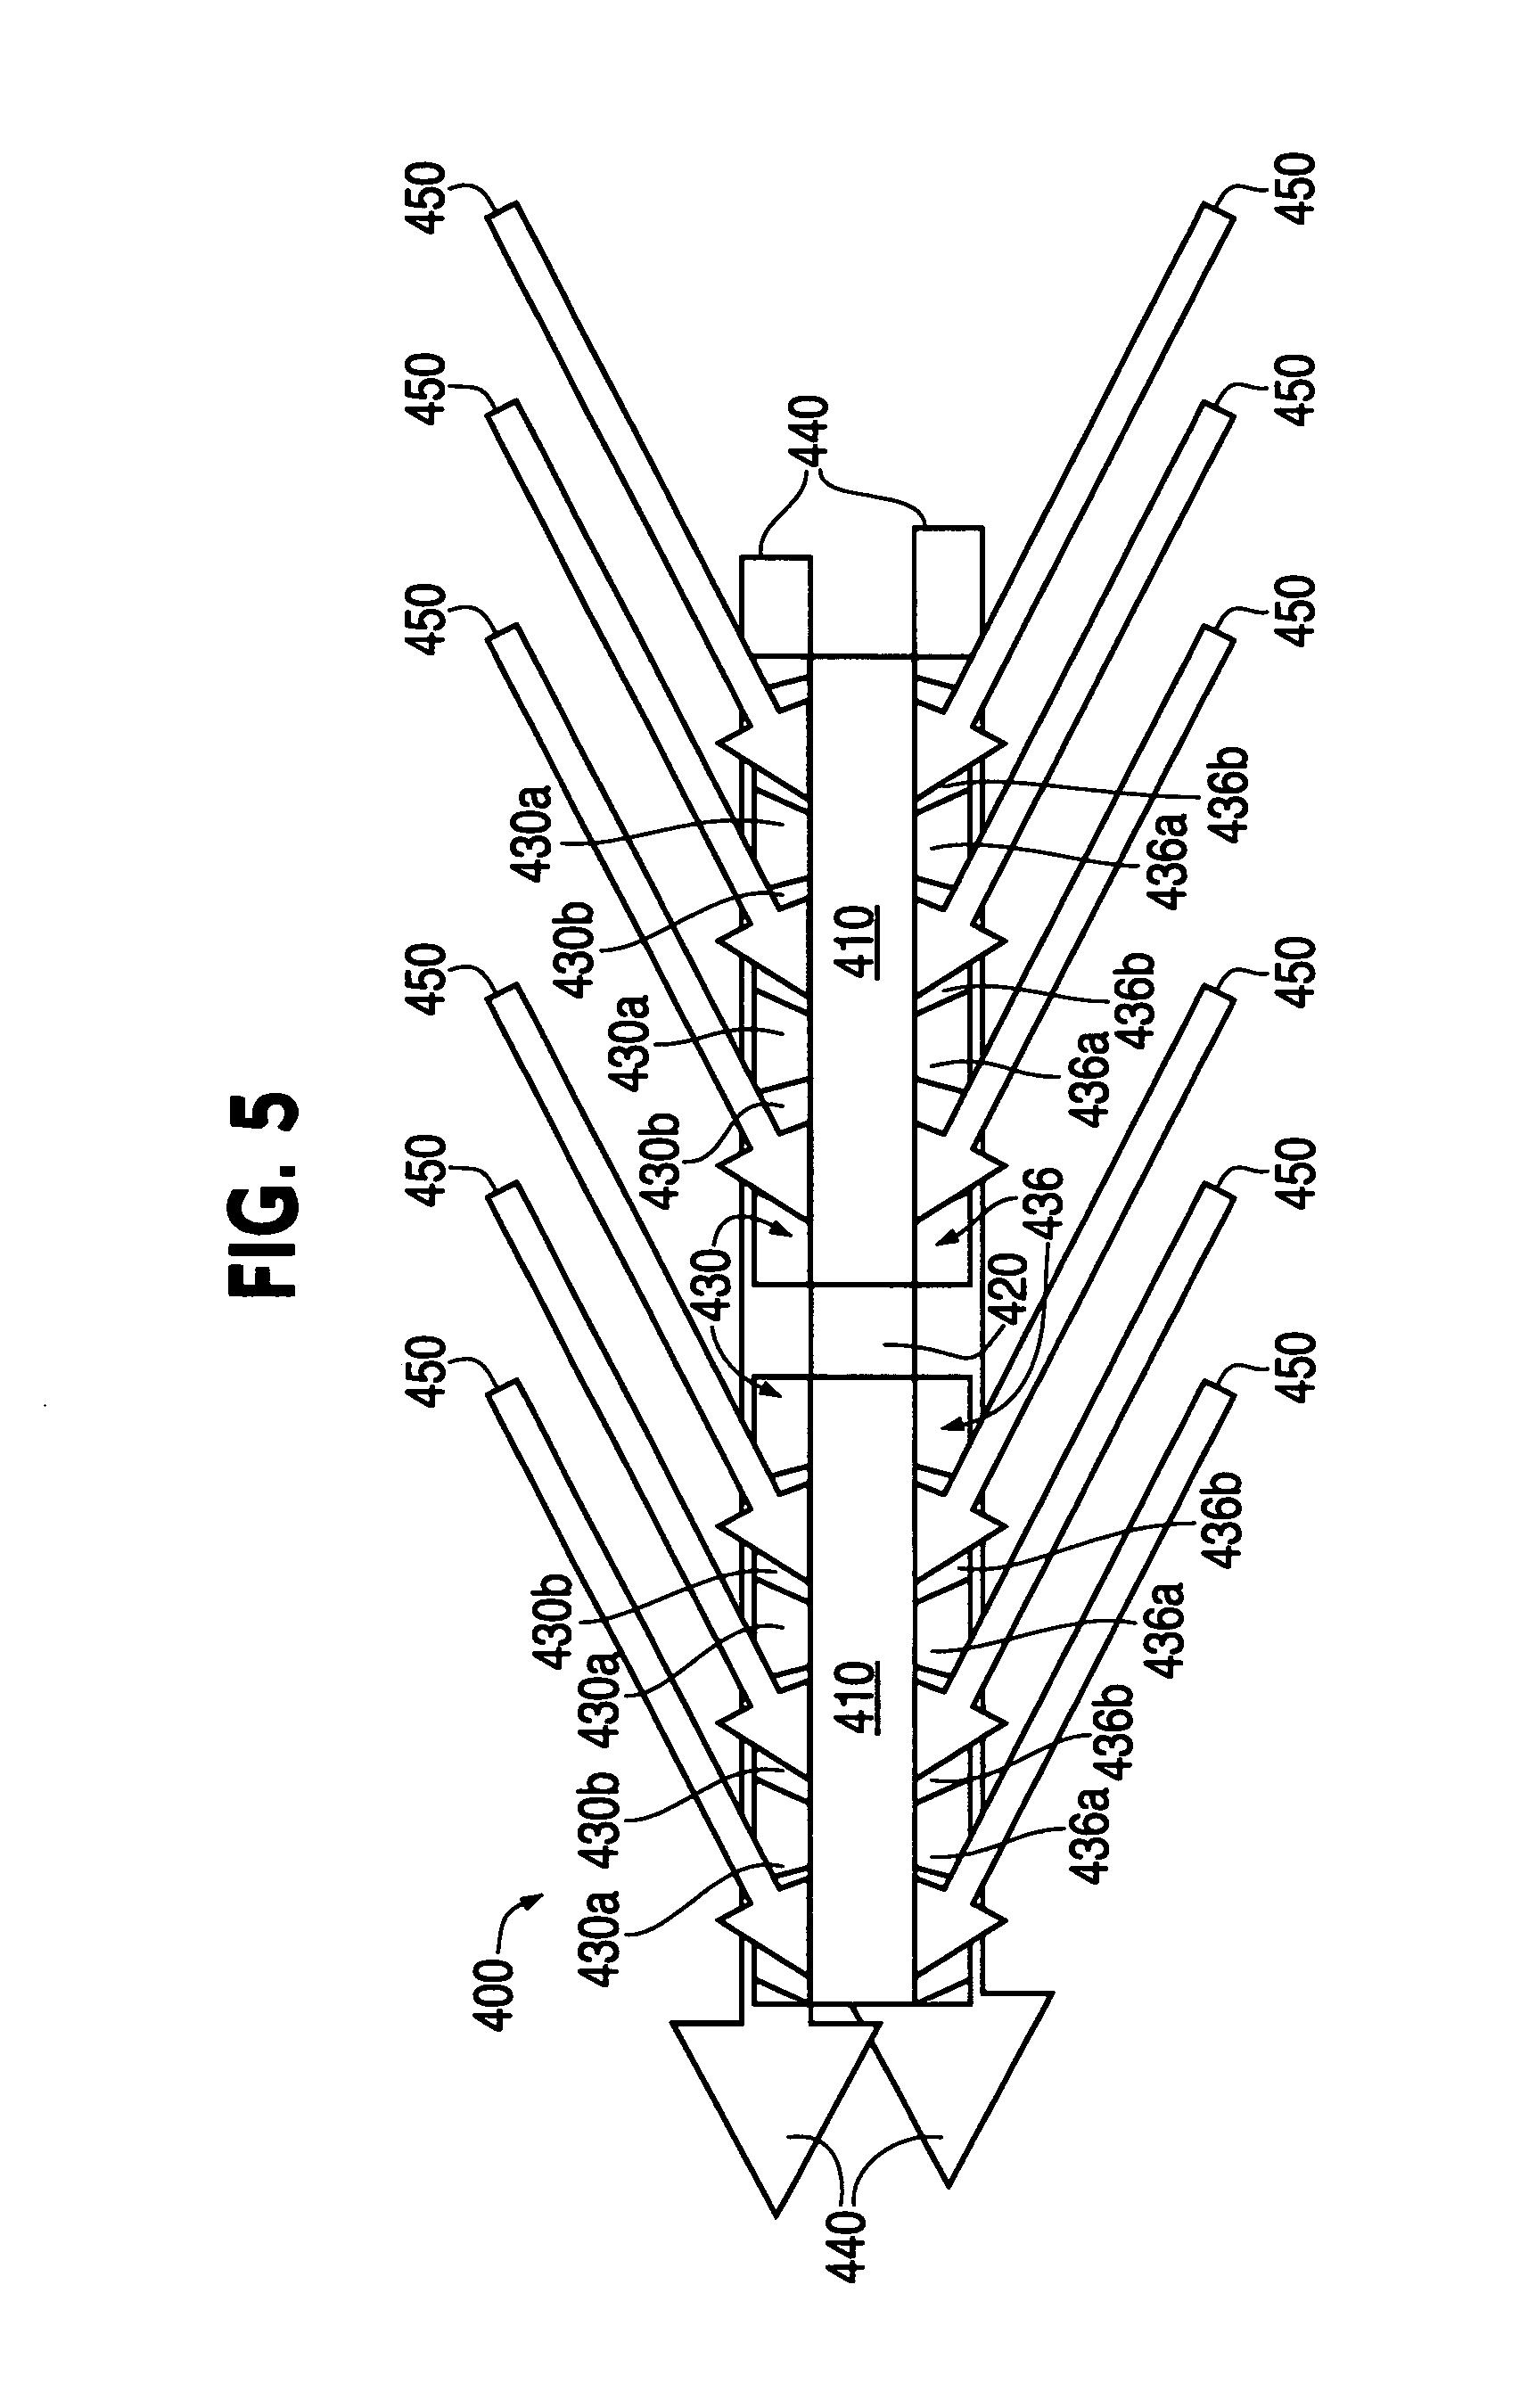 patent us7302129